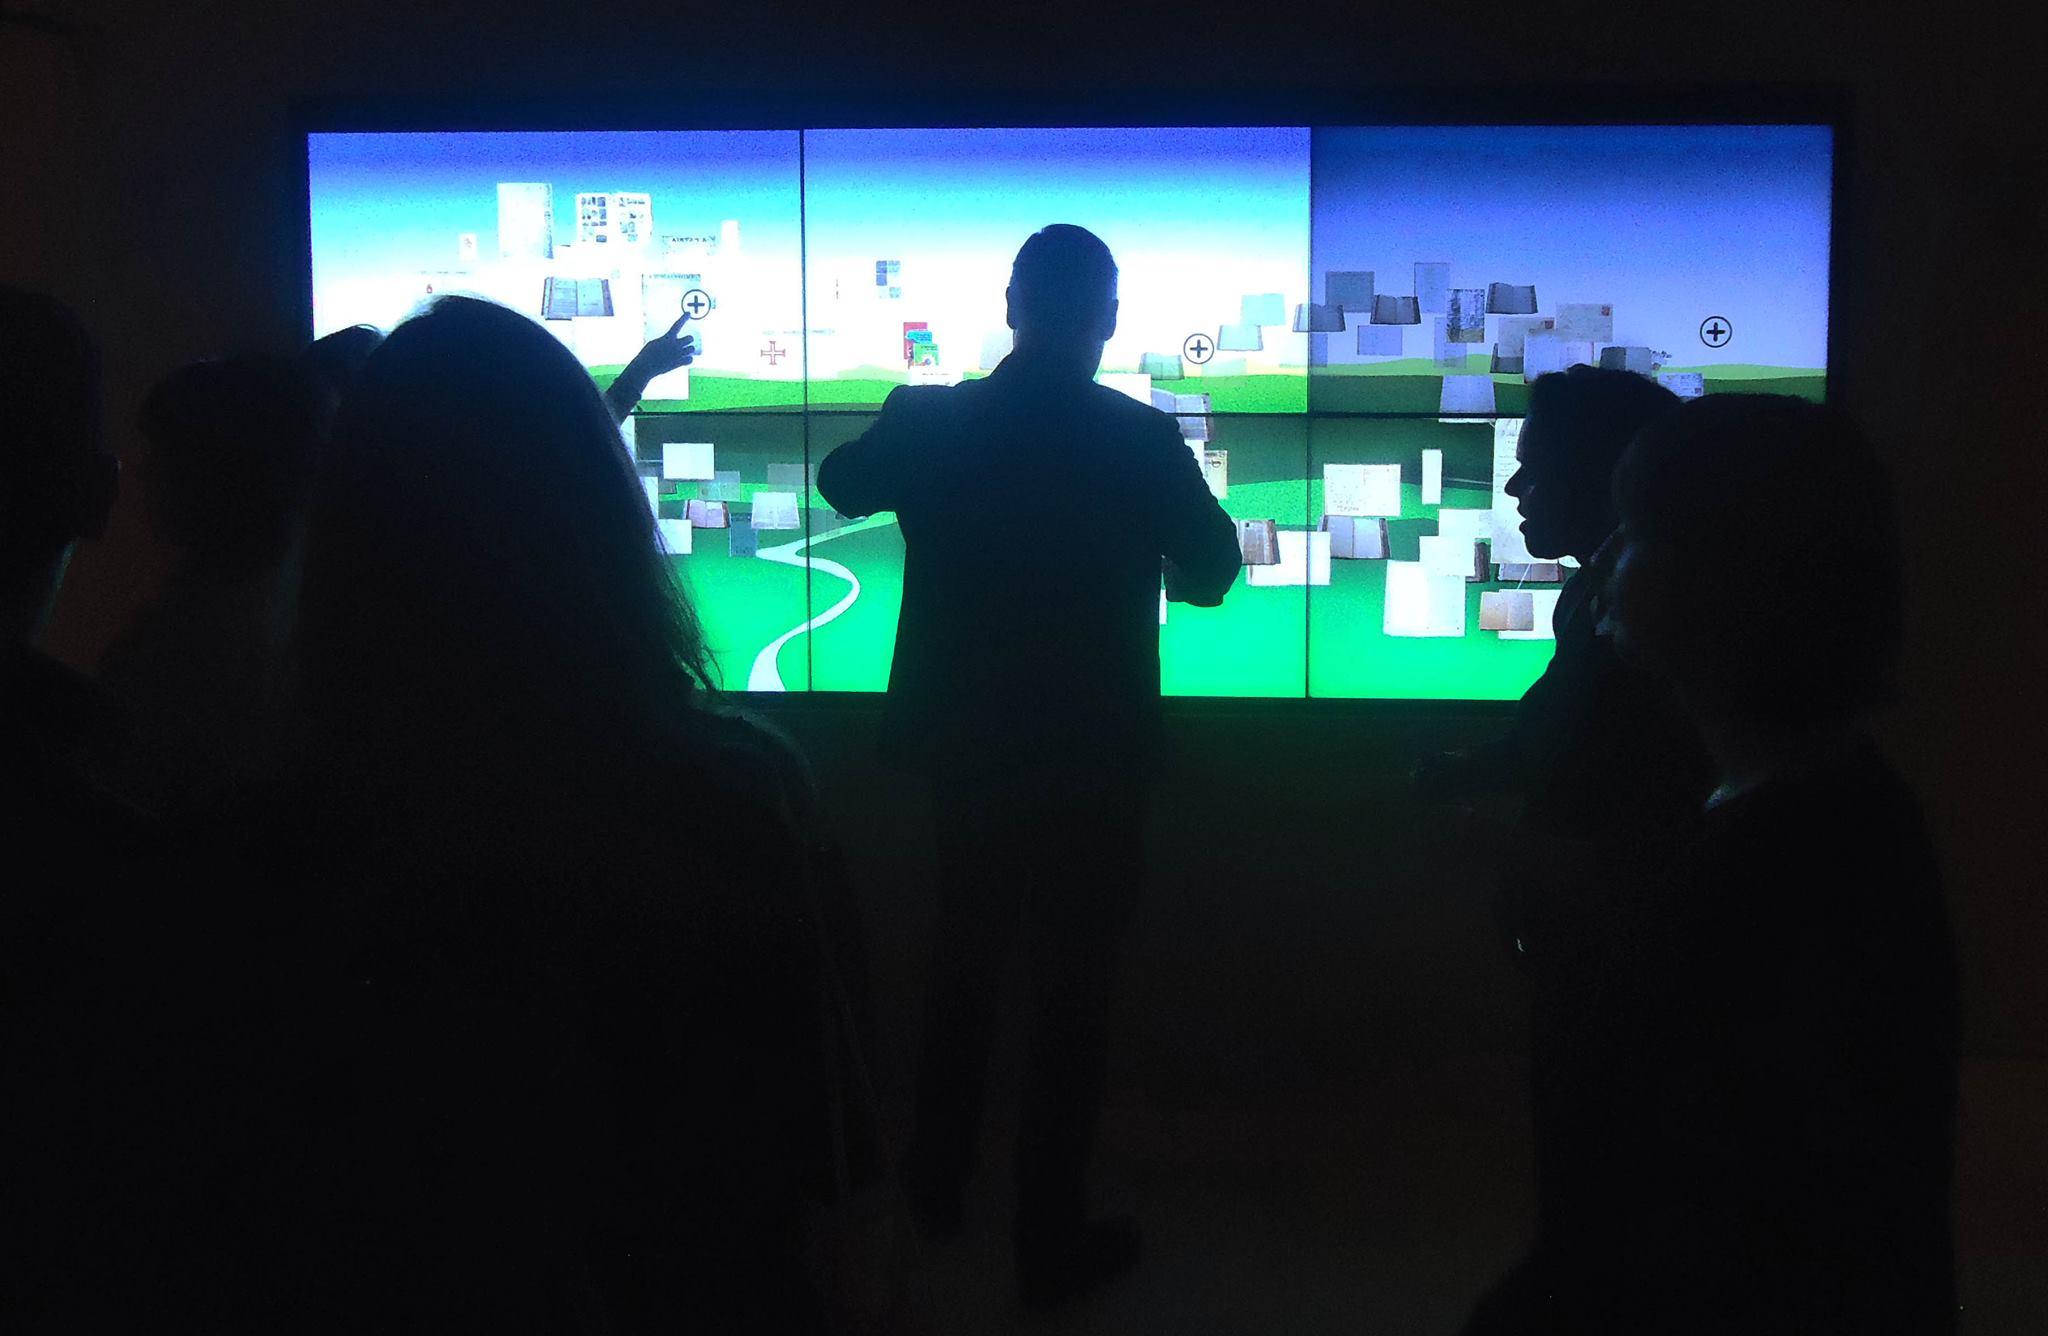 SIMÕES LOPES NETO - ONDE NÃO CHEGA O OLHAR PROSSEGUE O PENSAMENTO - arte e inovação com Videowall Ecomídia